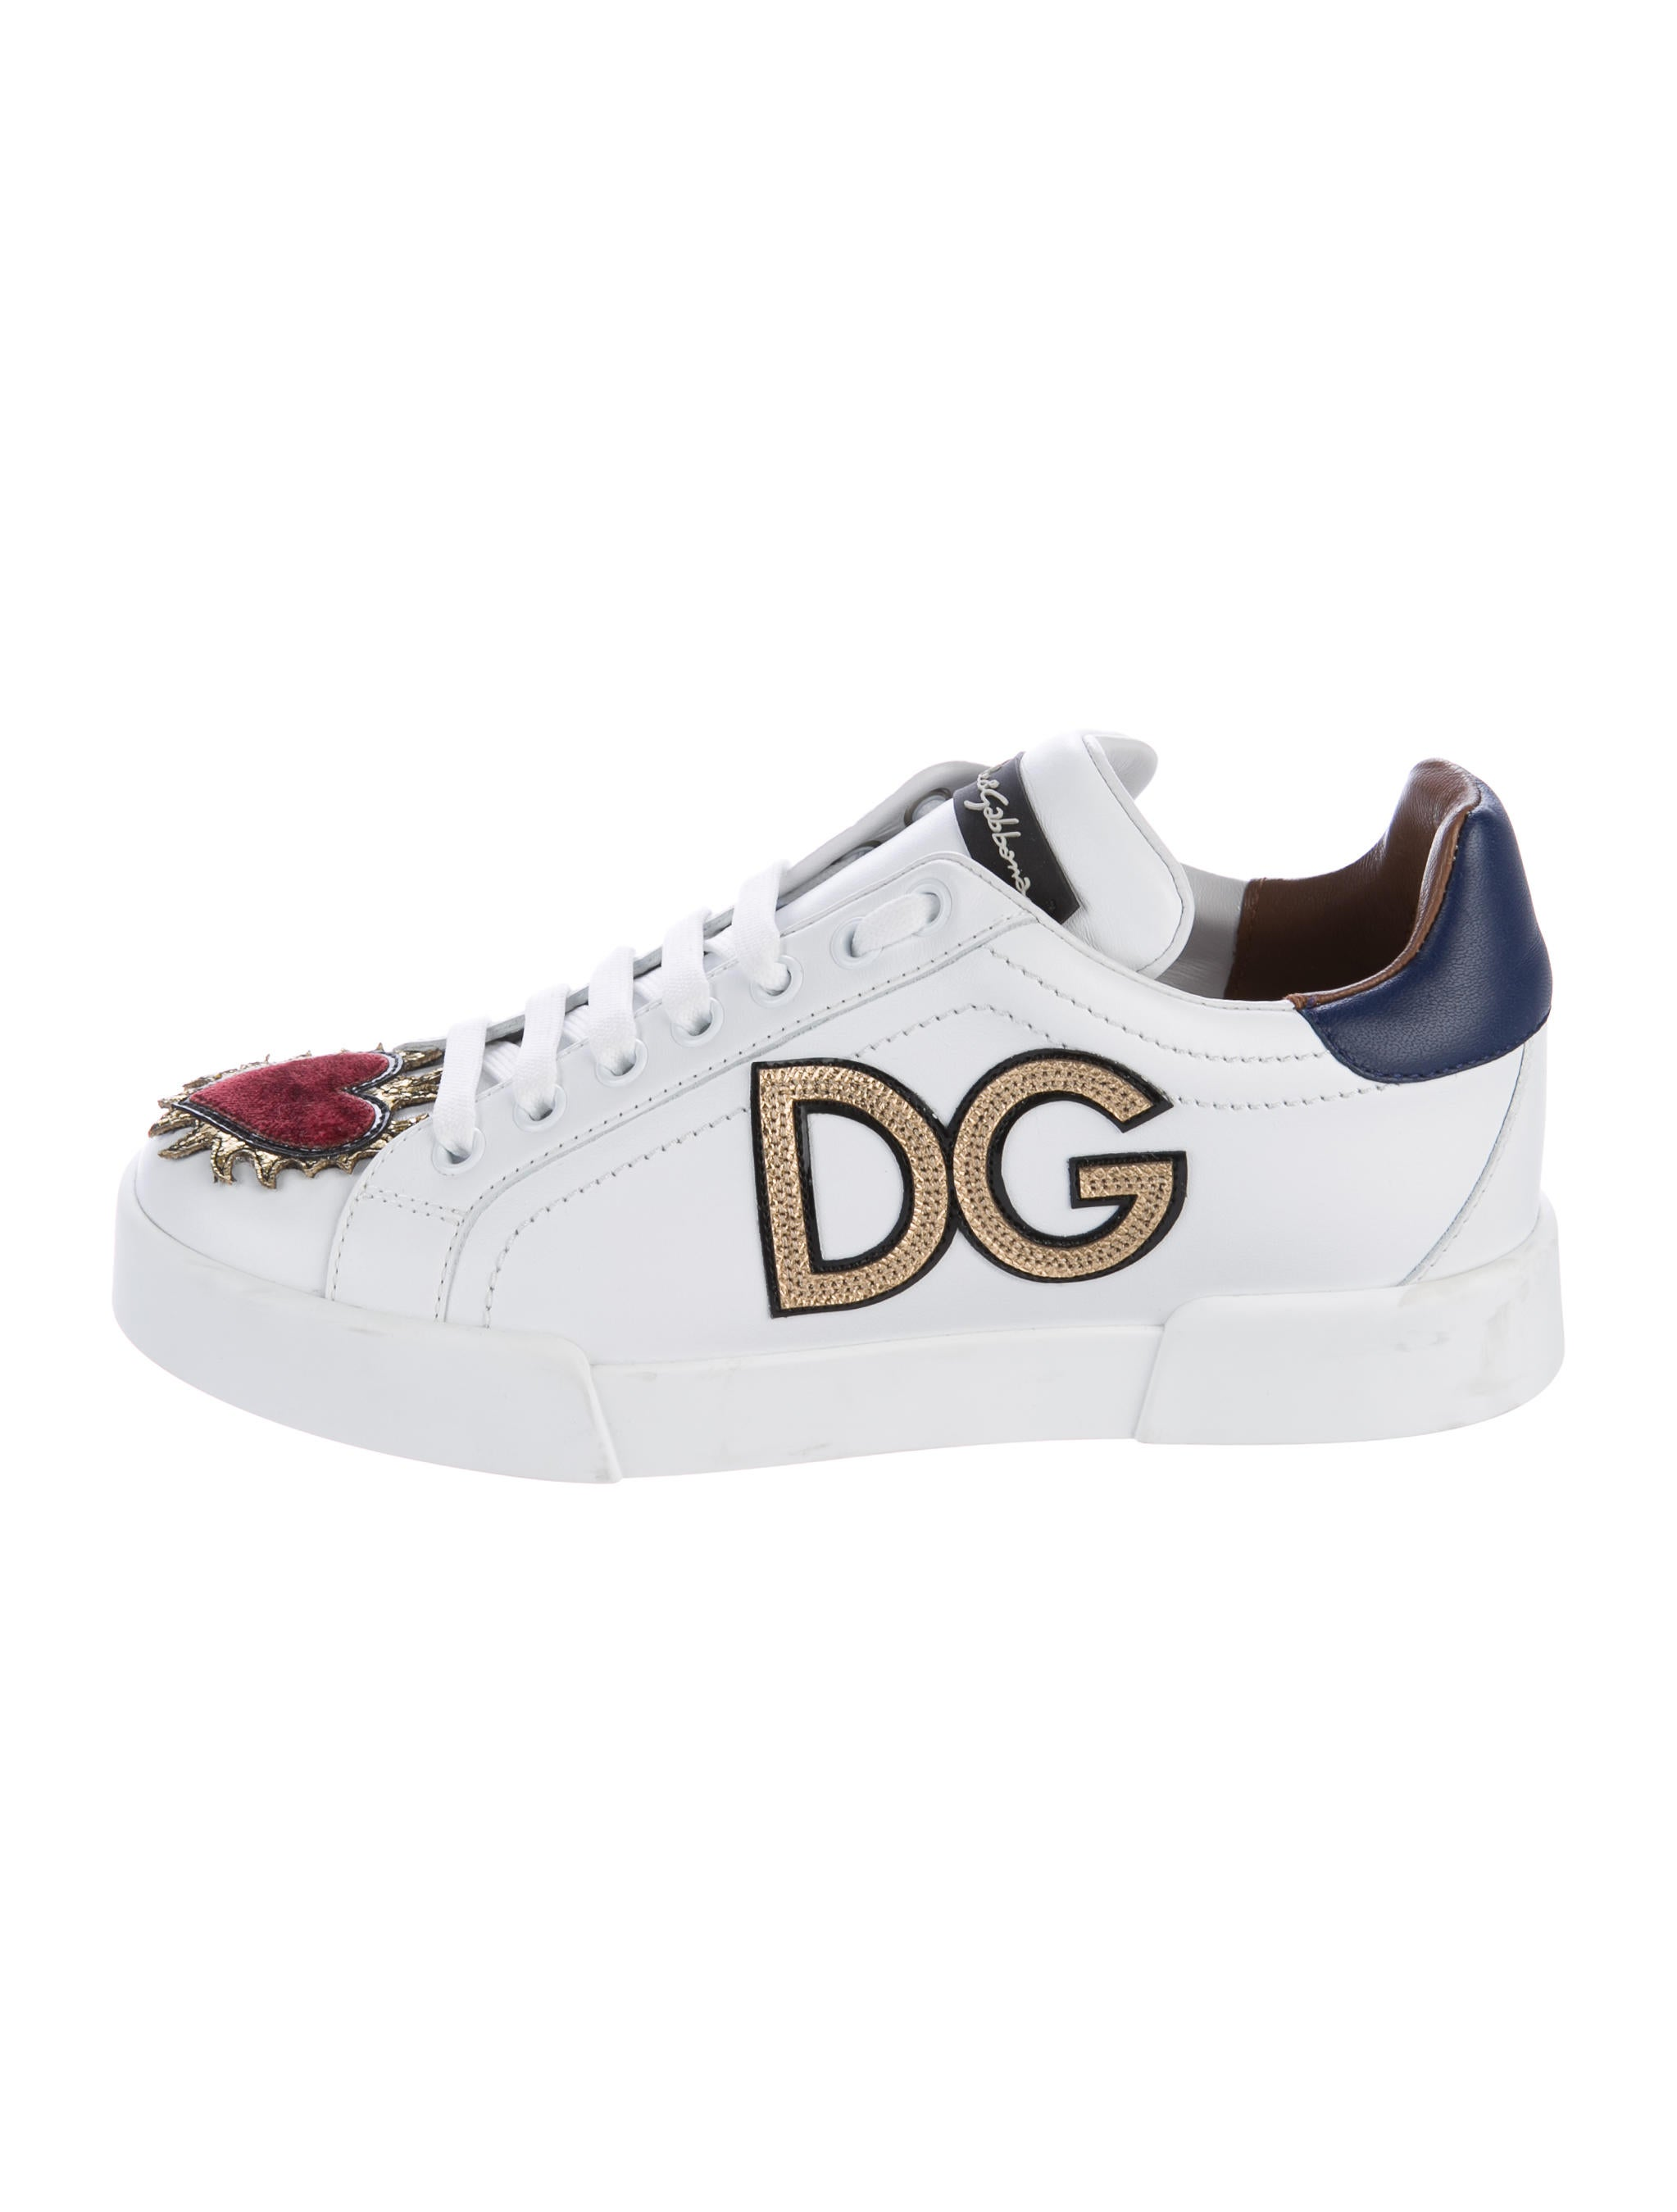 Scarpe Sneakers Portofino Ny gUPF9l